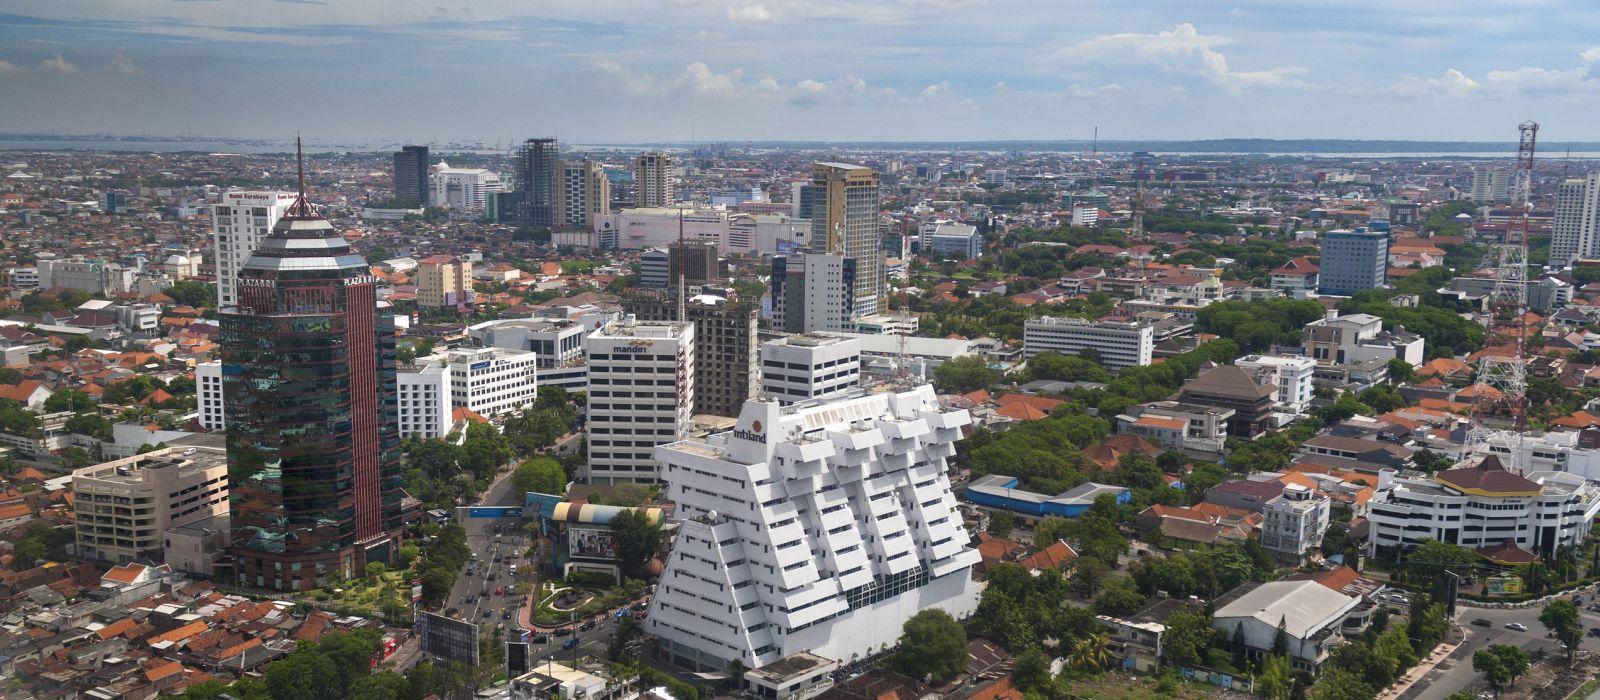 Reiseziel Surabaya Indonesien